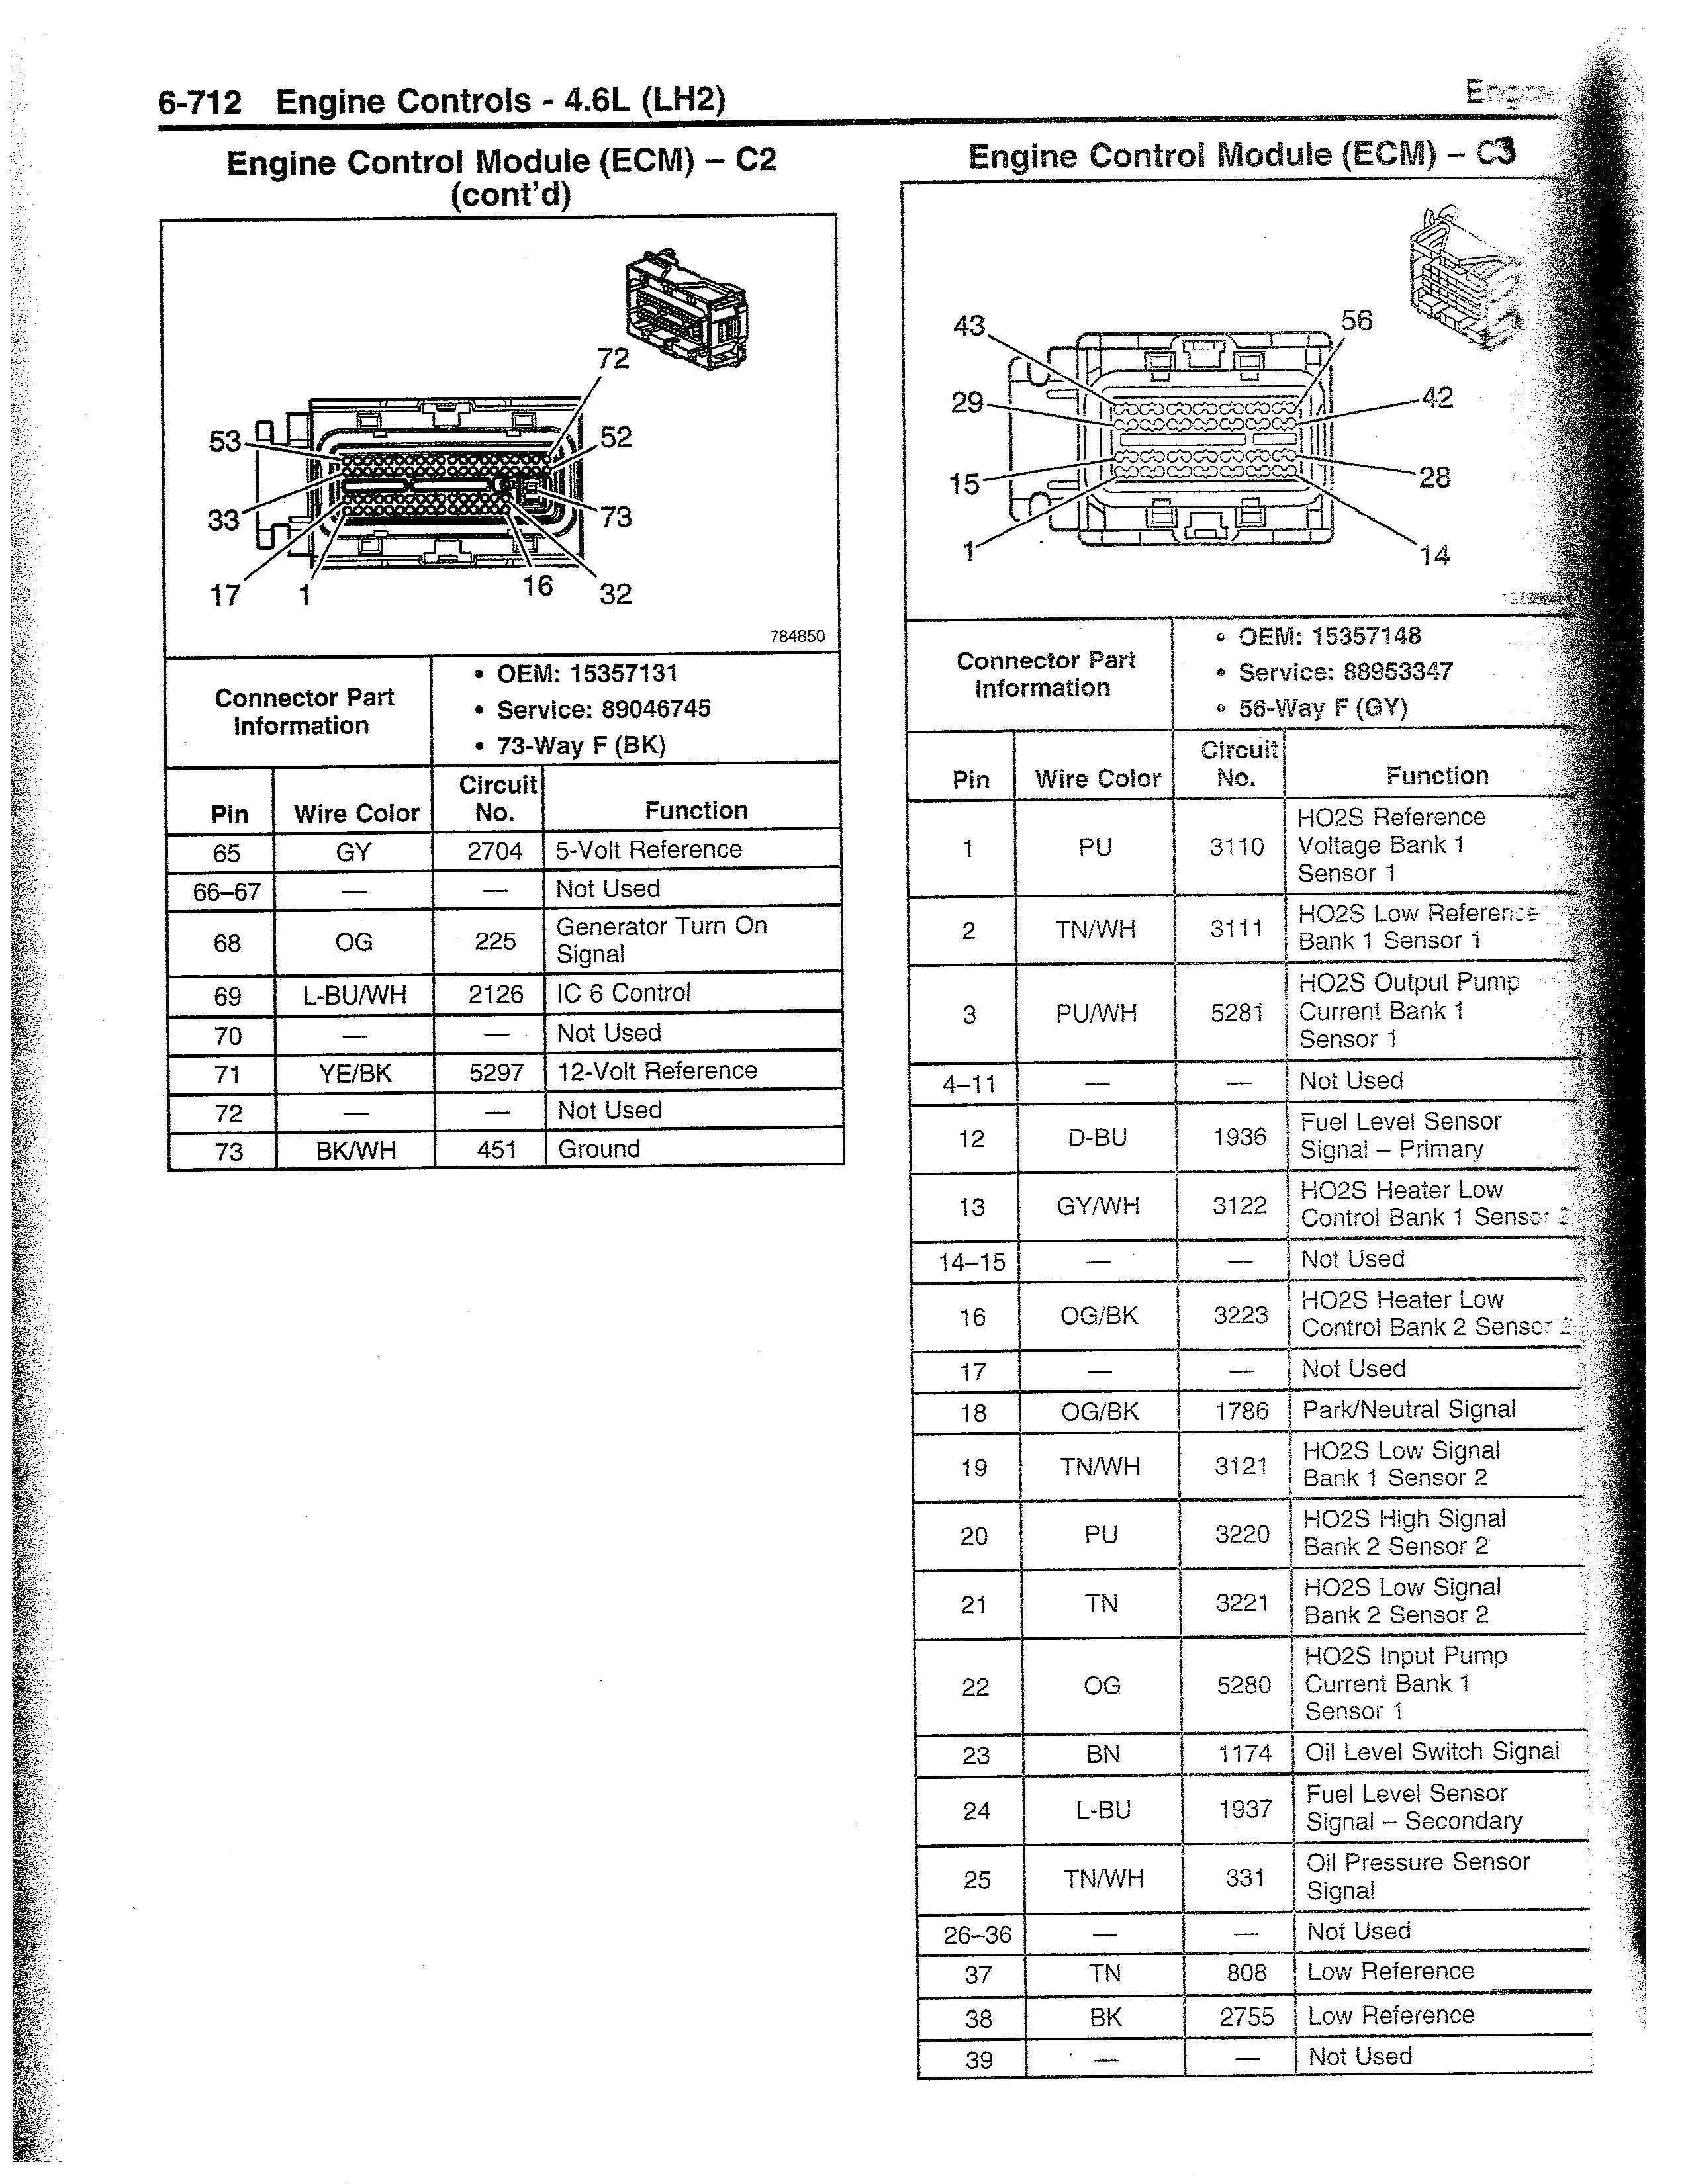 2005 Cadillac Ecm Wiring Diagram Collection